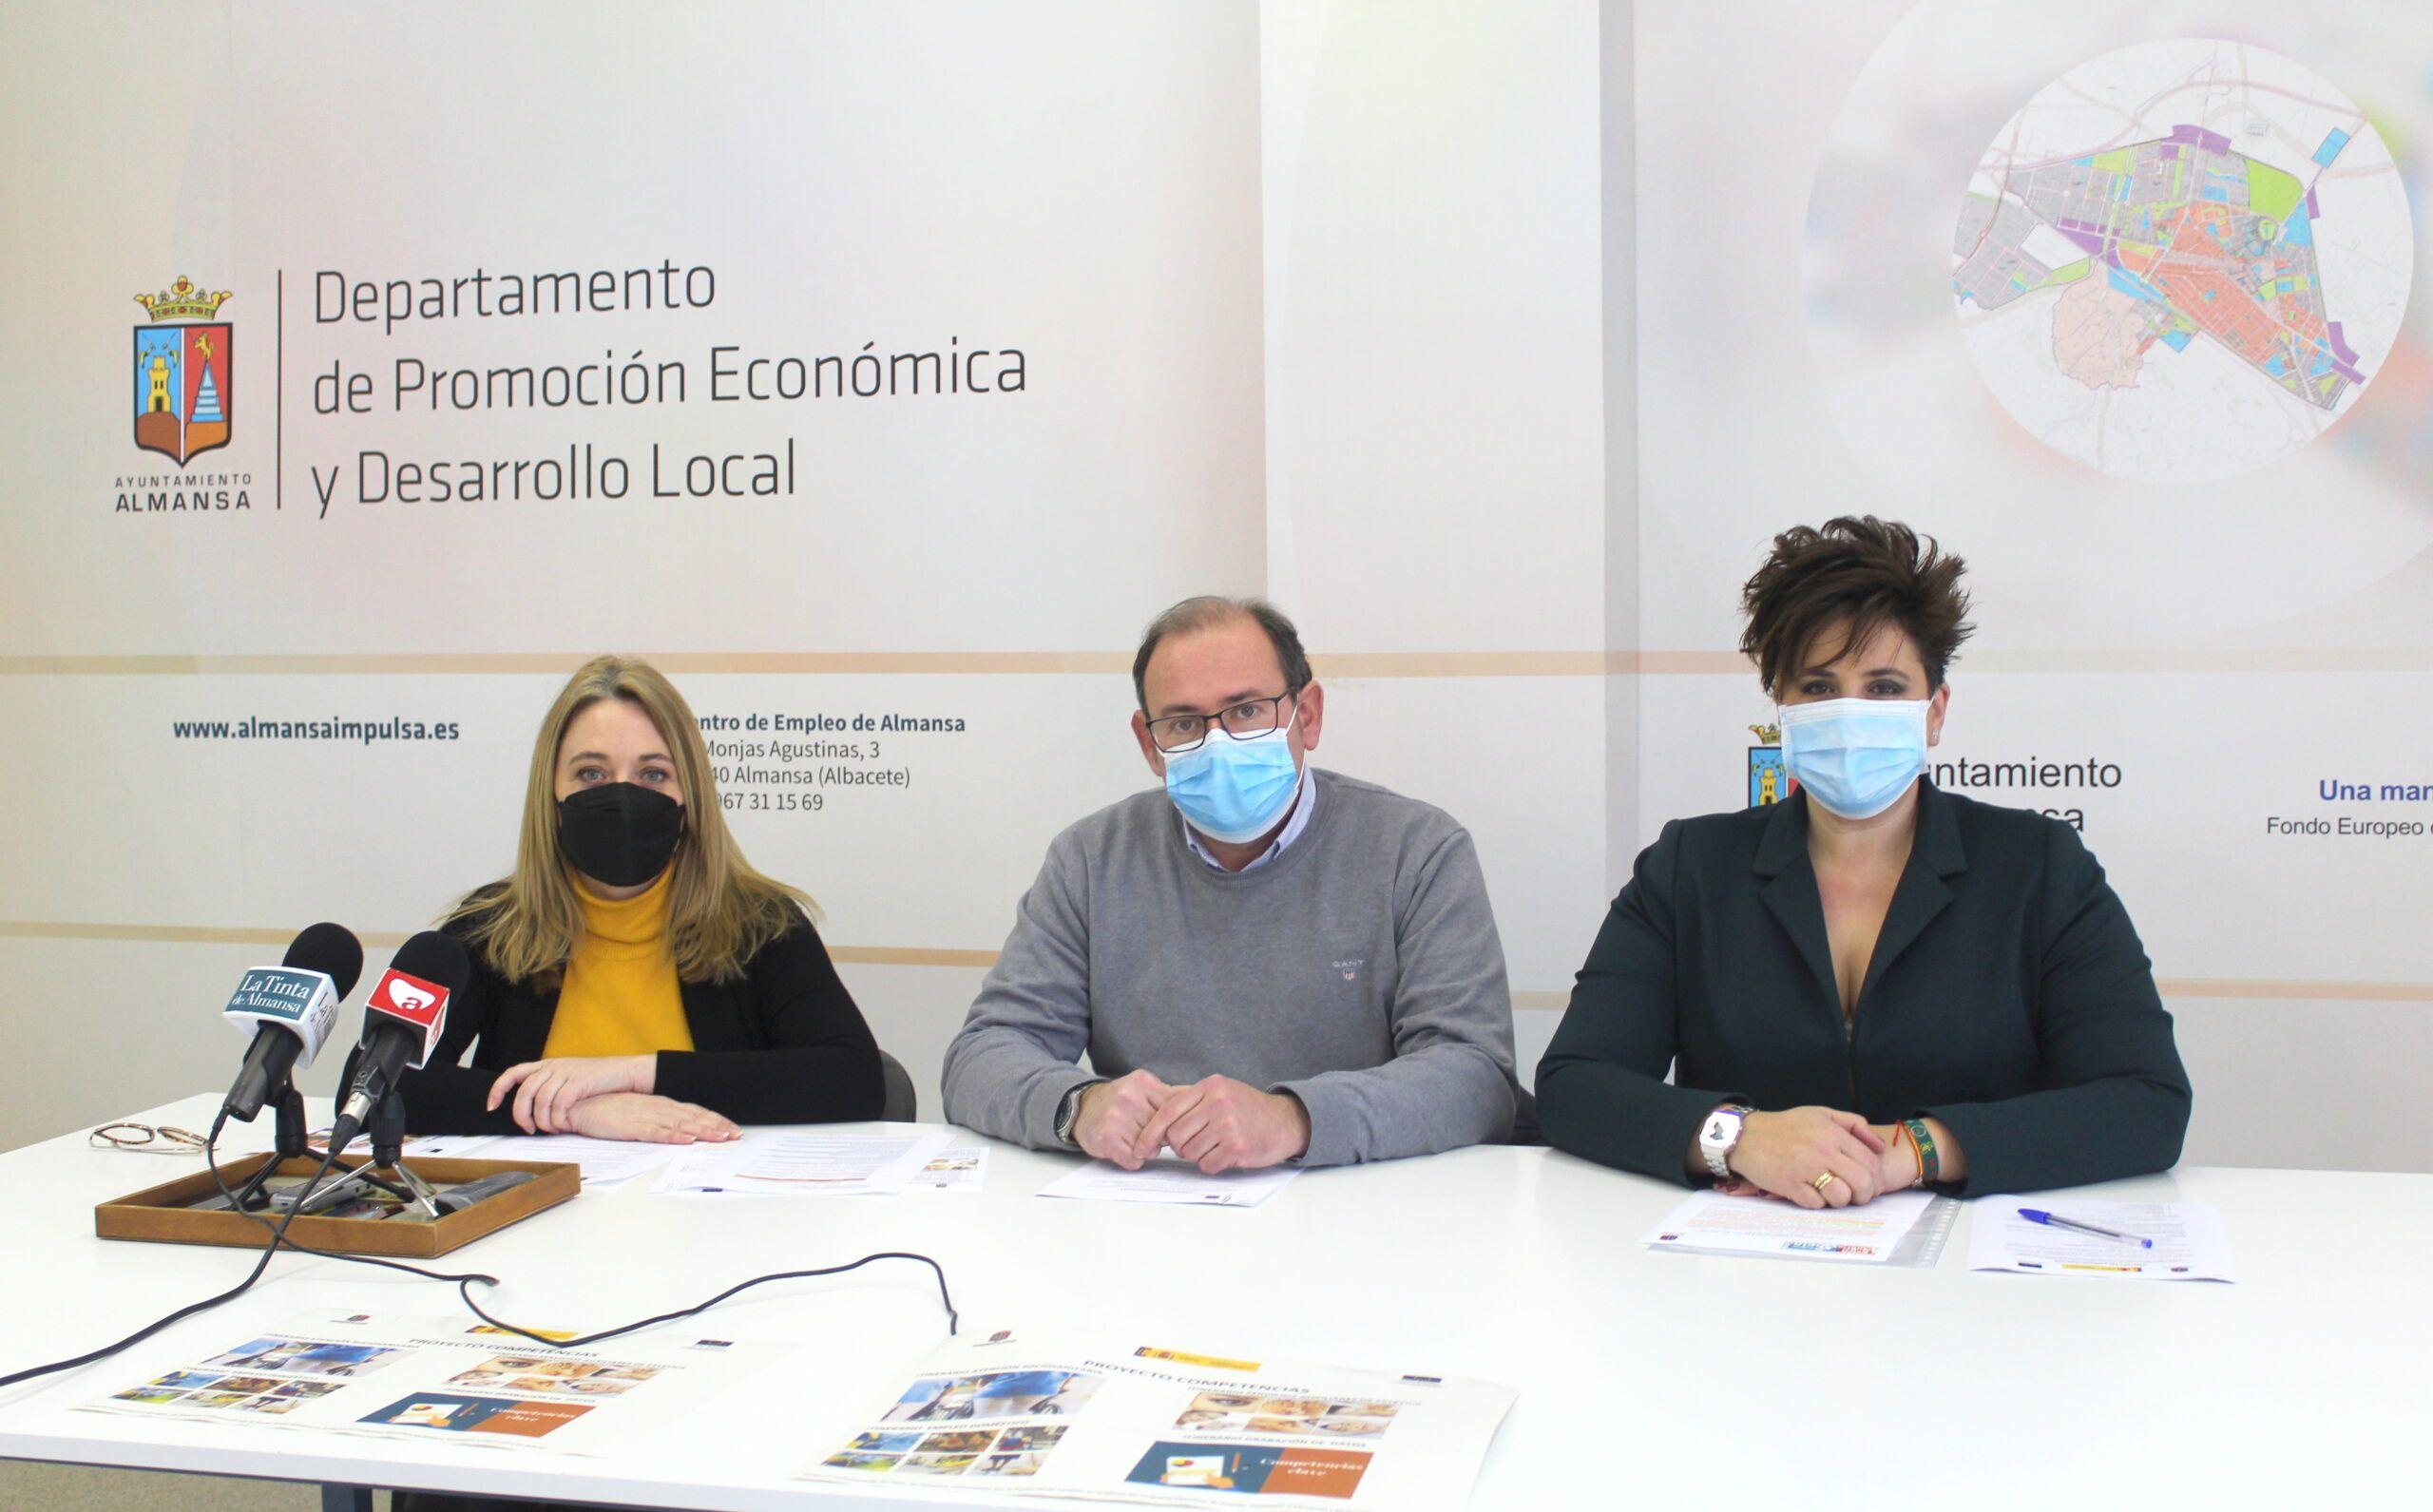 """El Ayuntamiento de Almansa inicia la primera fase del proyecto """"Competencias"""" destinado a la formación de personas desempleadas"""